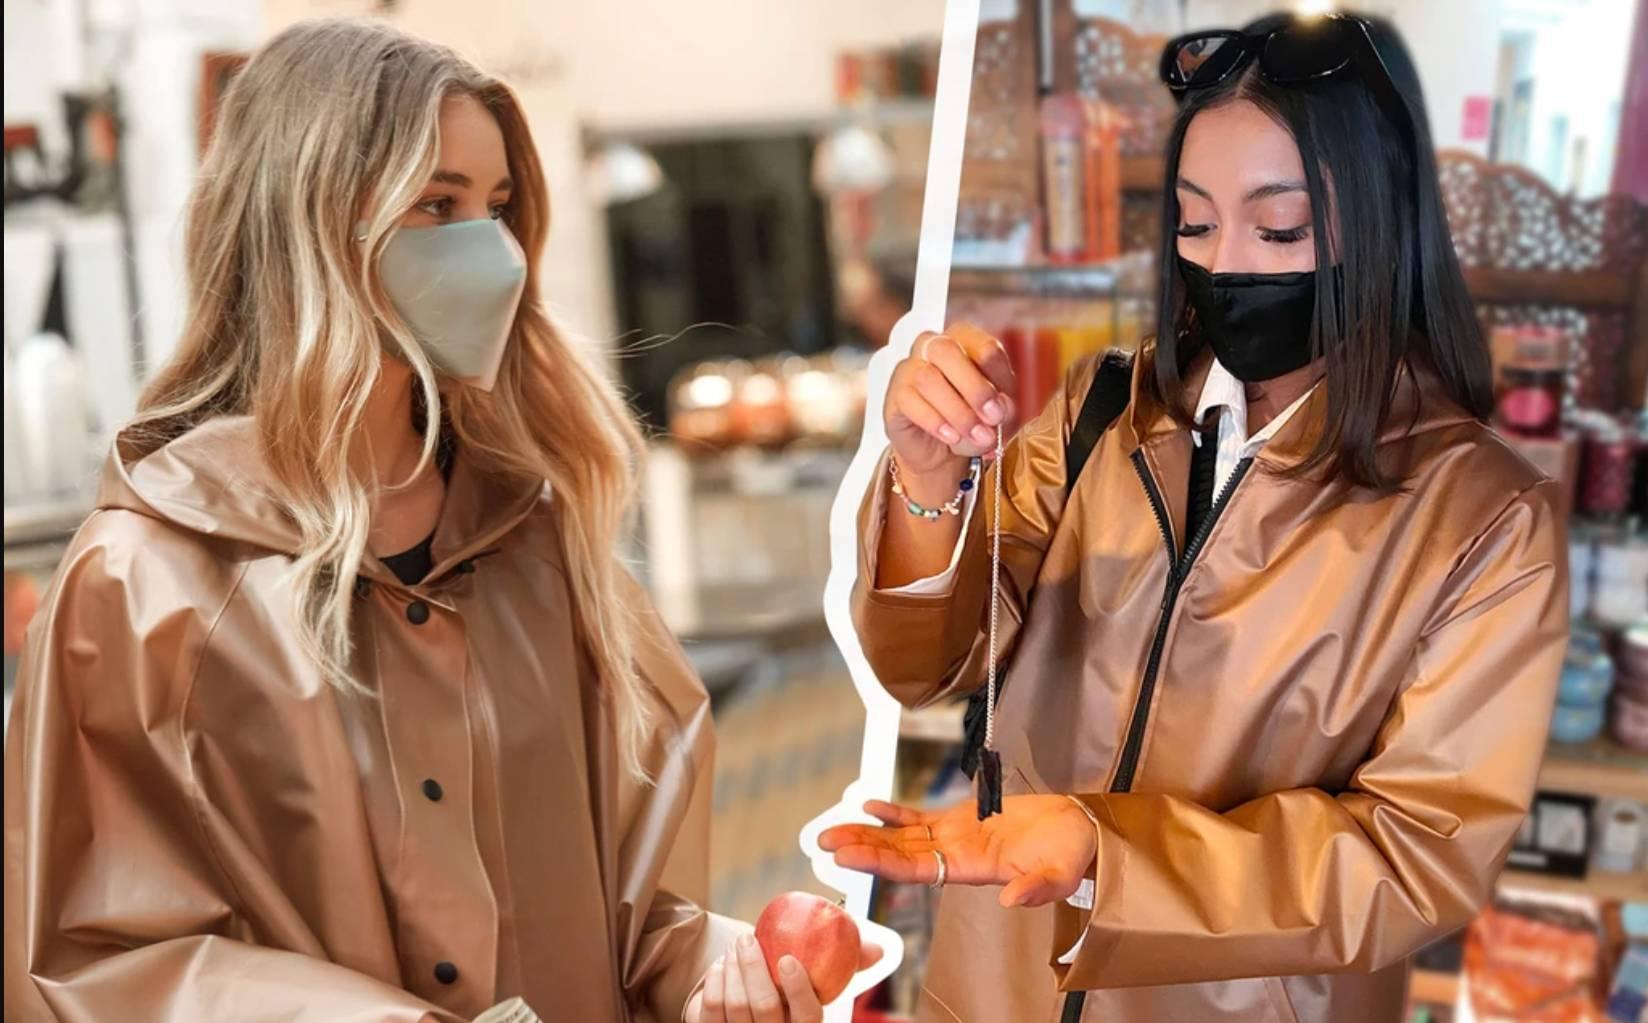 VForce Collection lance des manteaux imprégnés de cuivre qui prétendent tuer les virus.